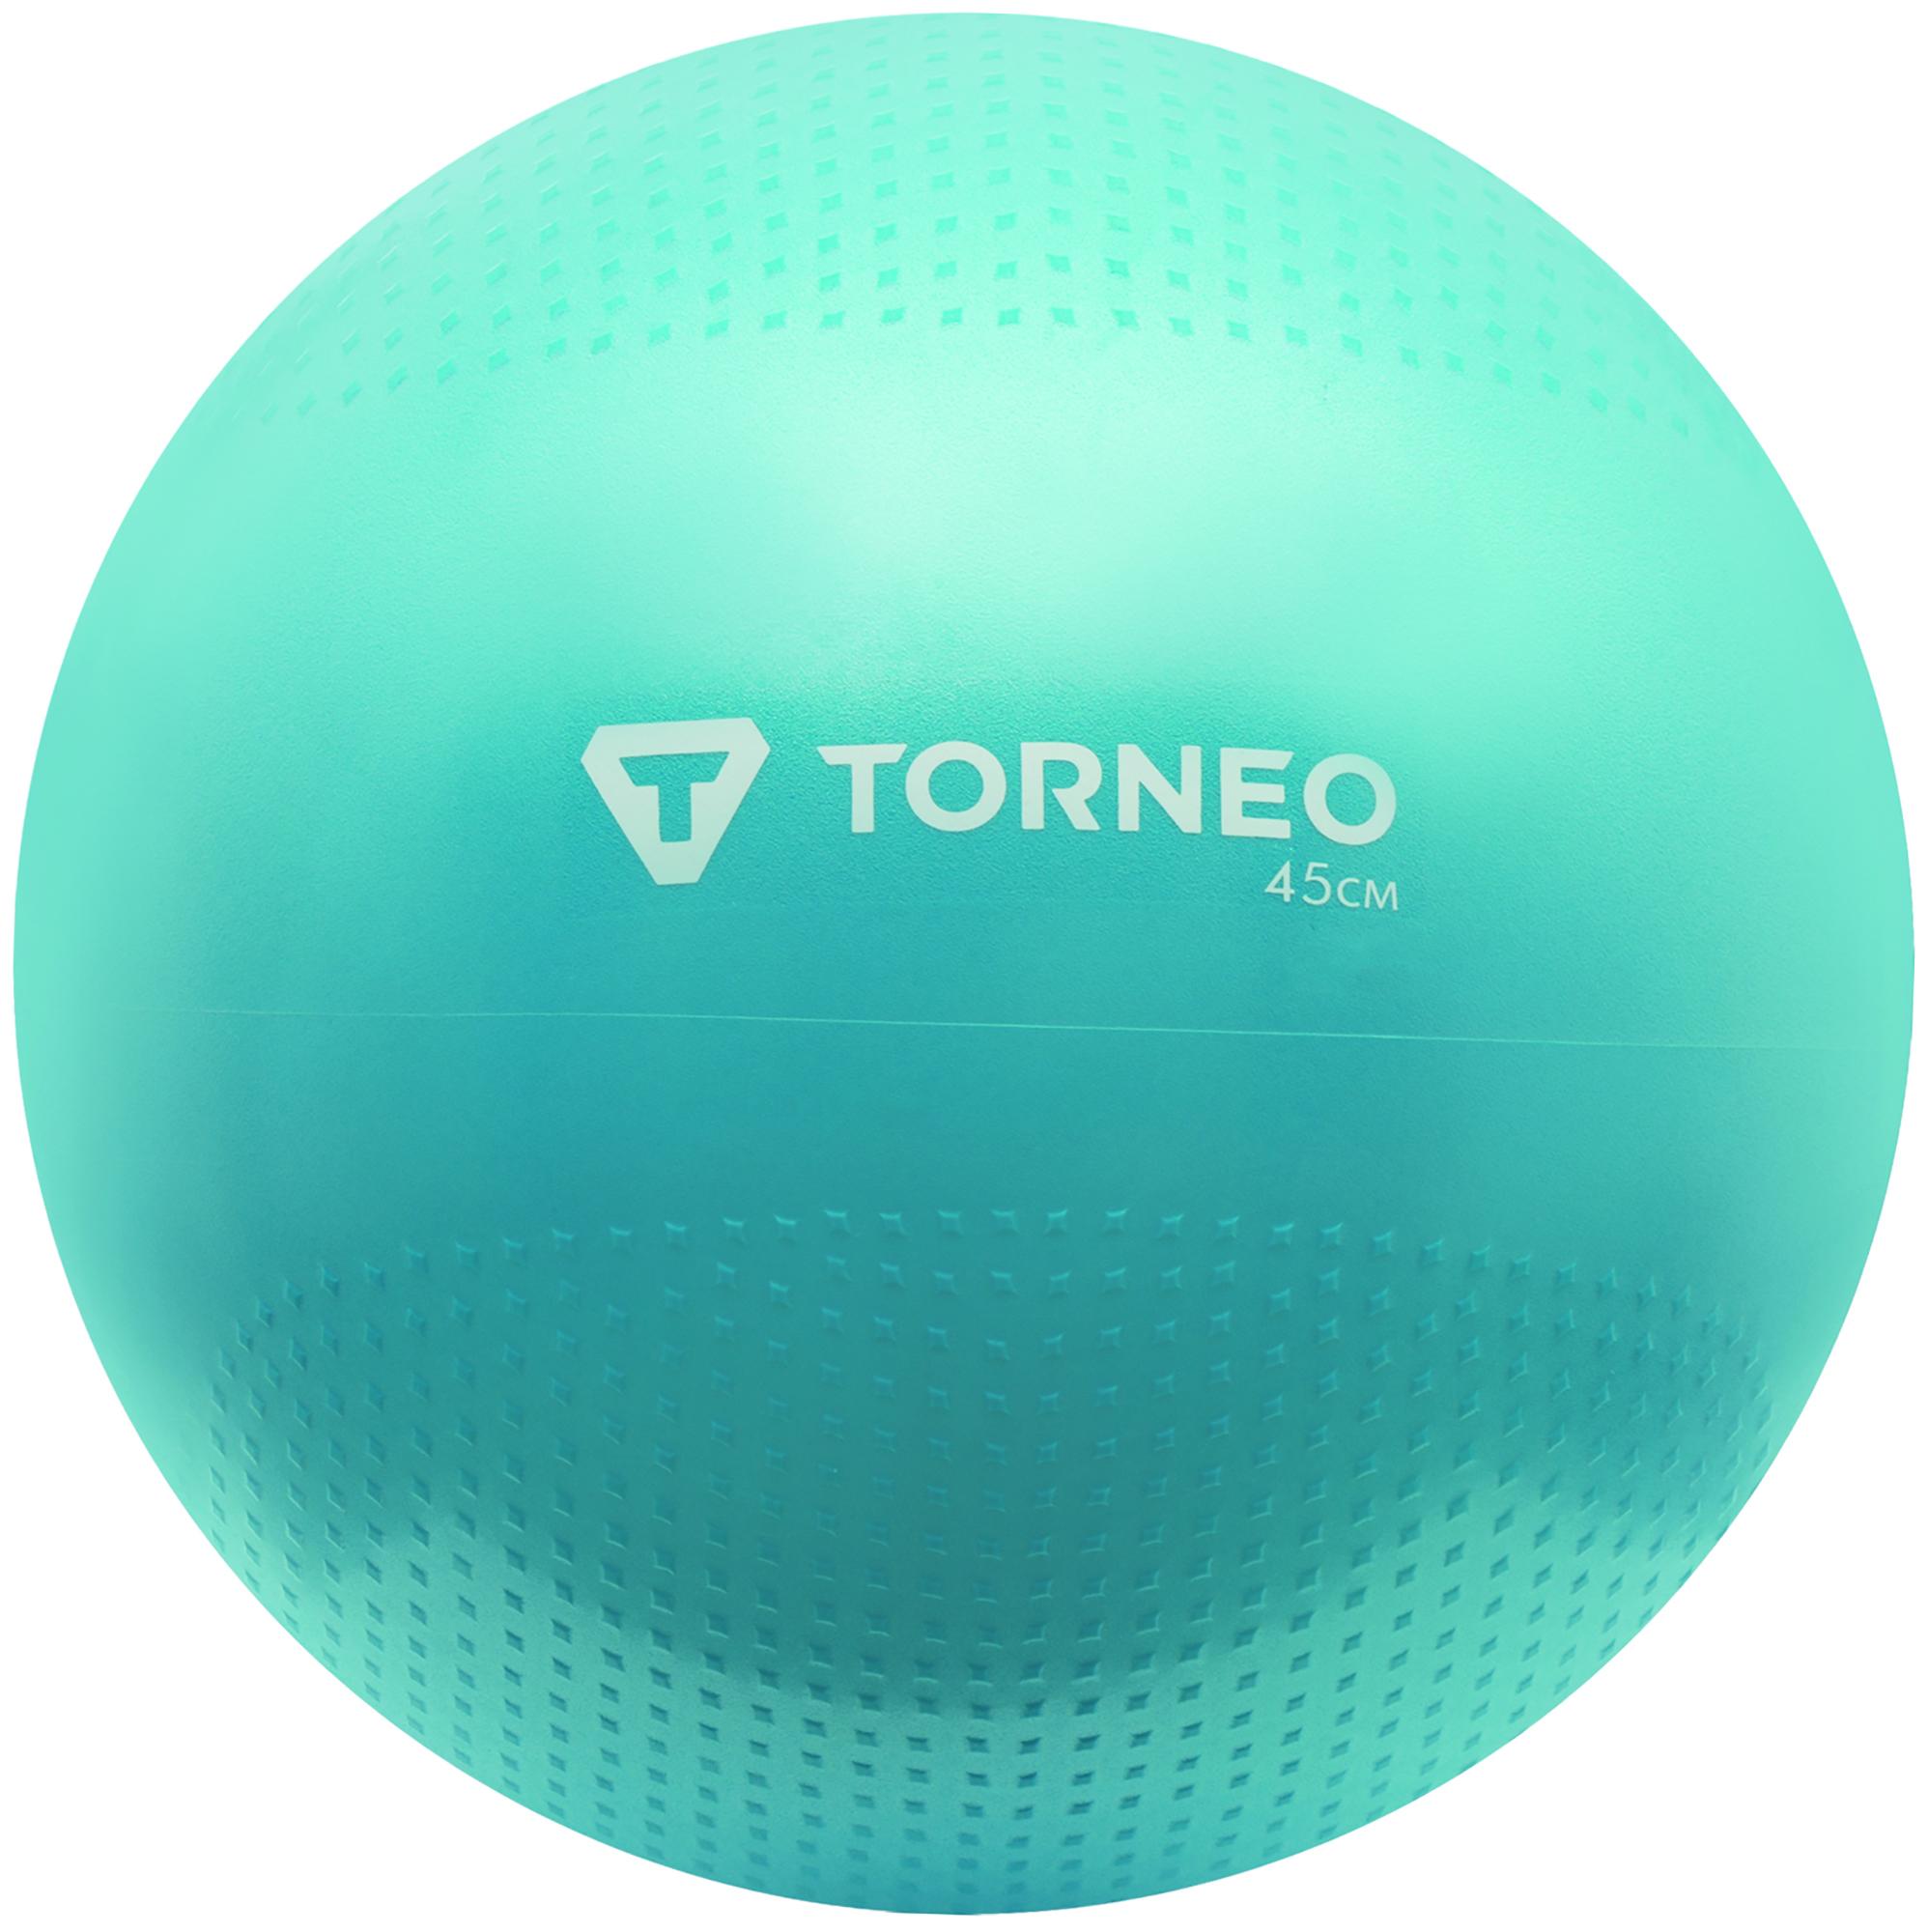 Torneo Мяч гимнастический Torneo, 45 см мяч гимнастический doka фитбол диаметр 65см зеленый